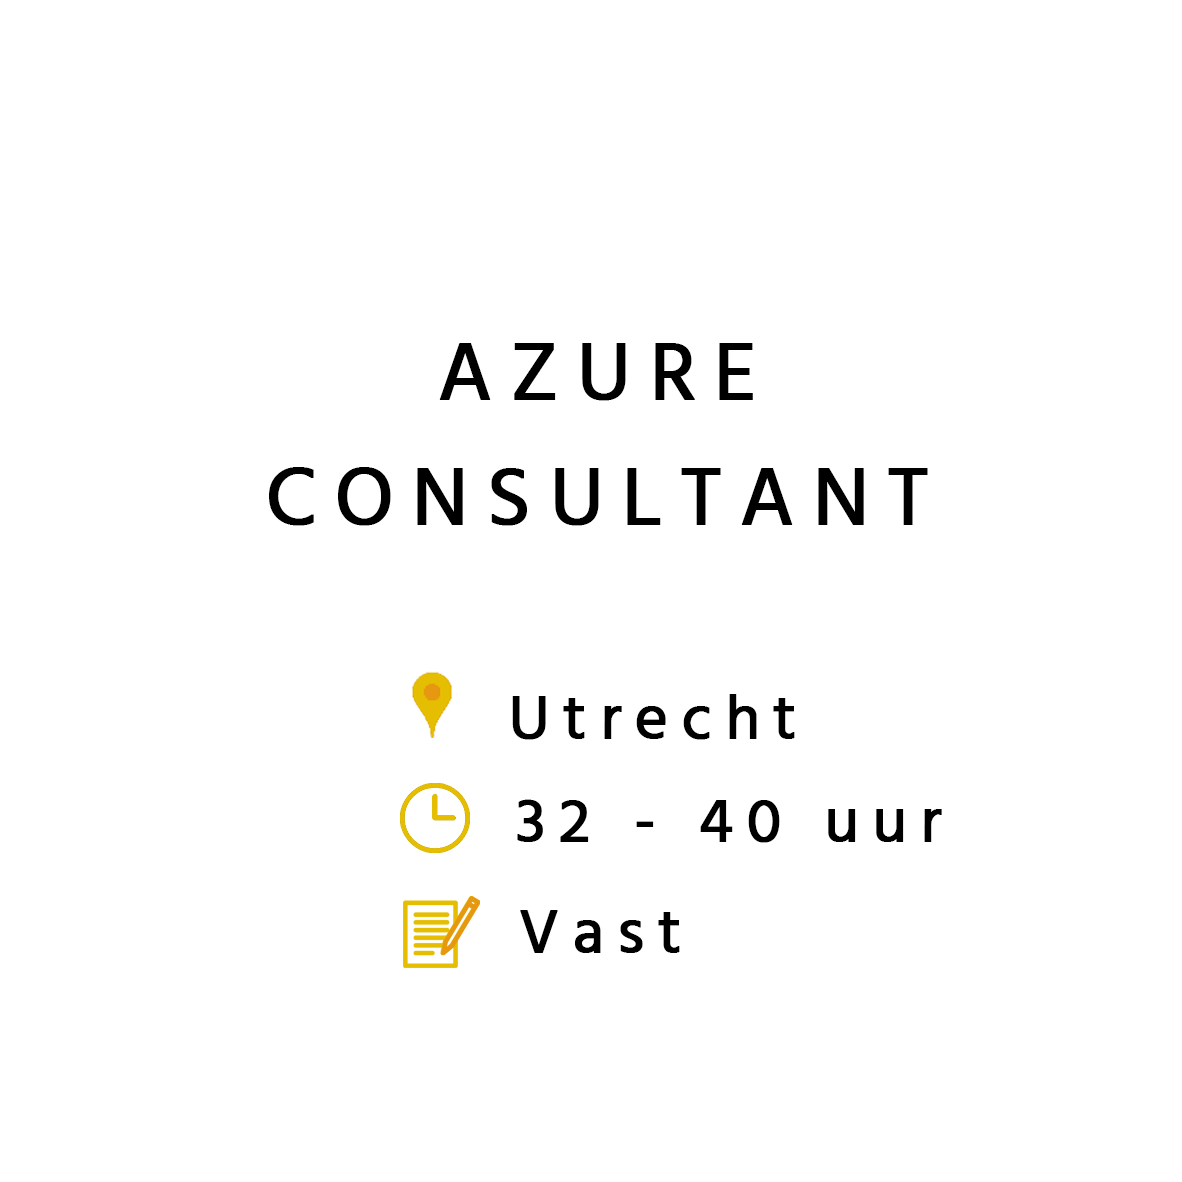 Azure Consultant